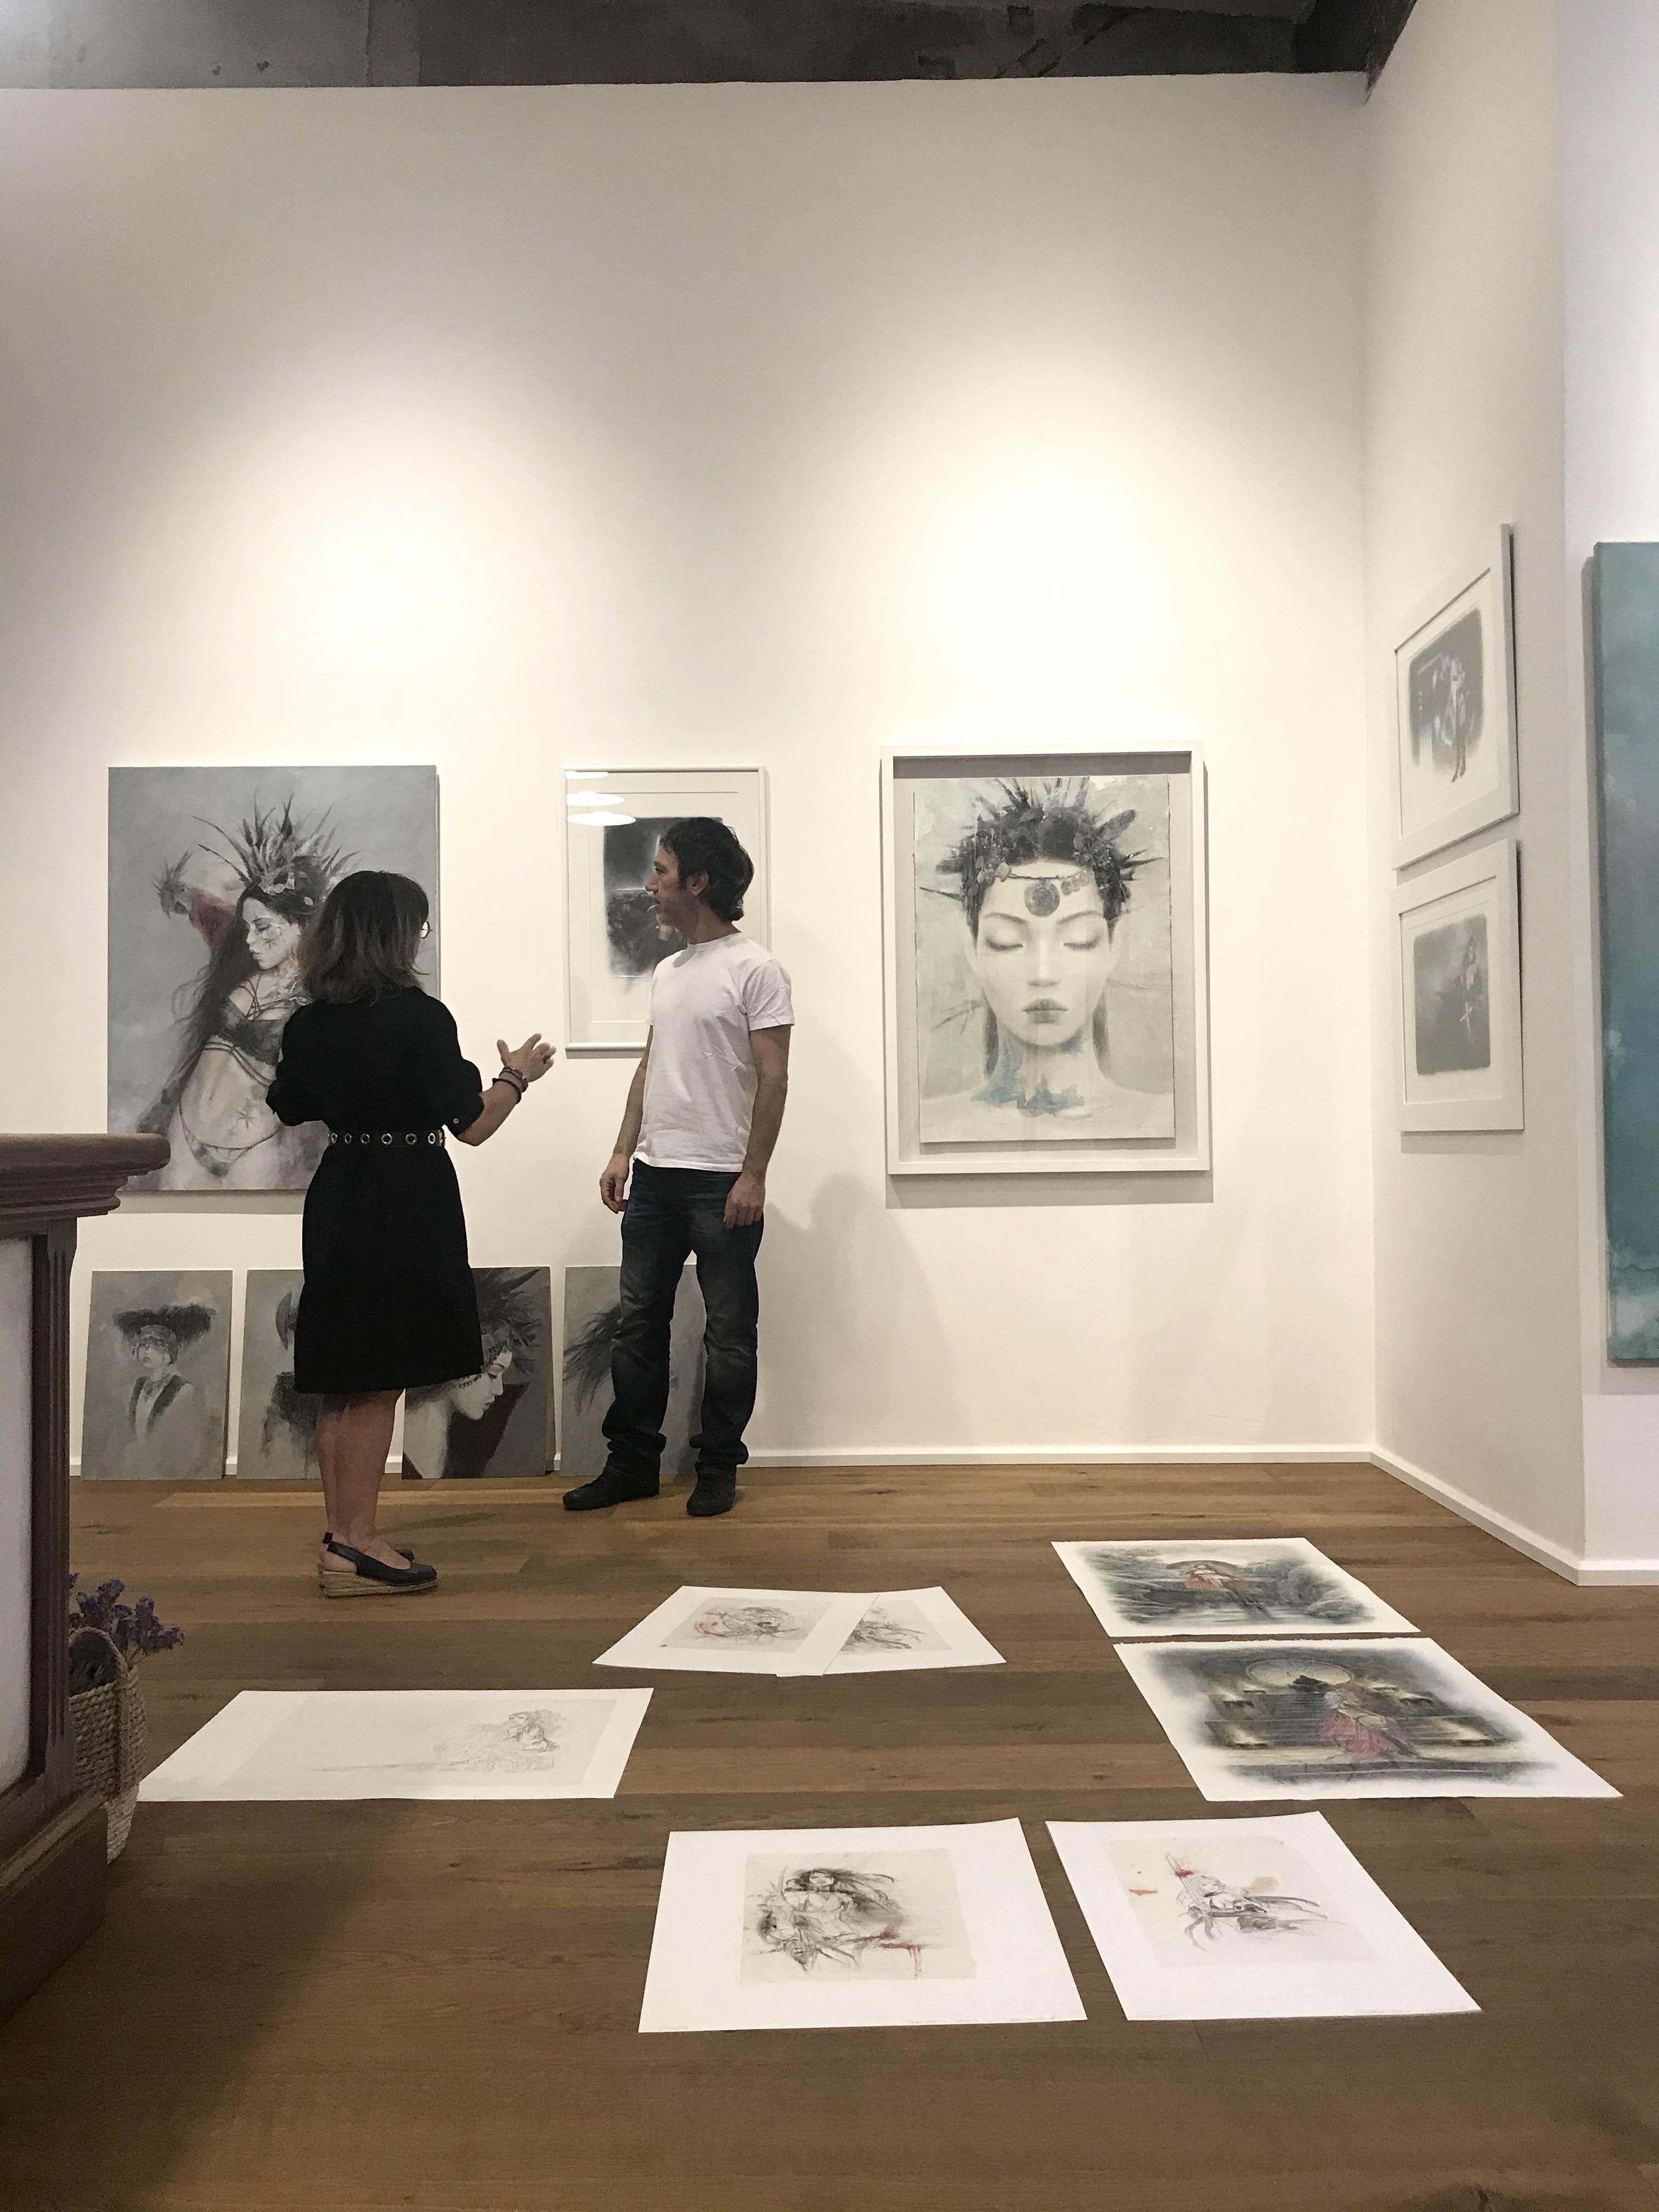 Fantastic_art_exhibition_Laberinto_gris_gallery_luis_royo_romulo_royo_4